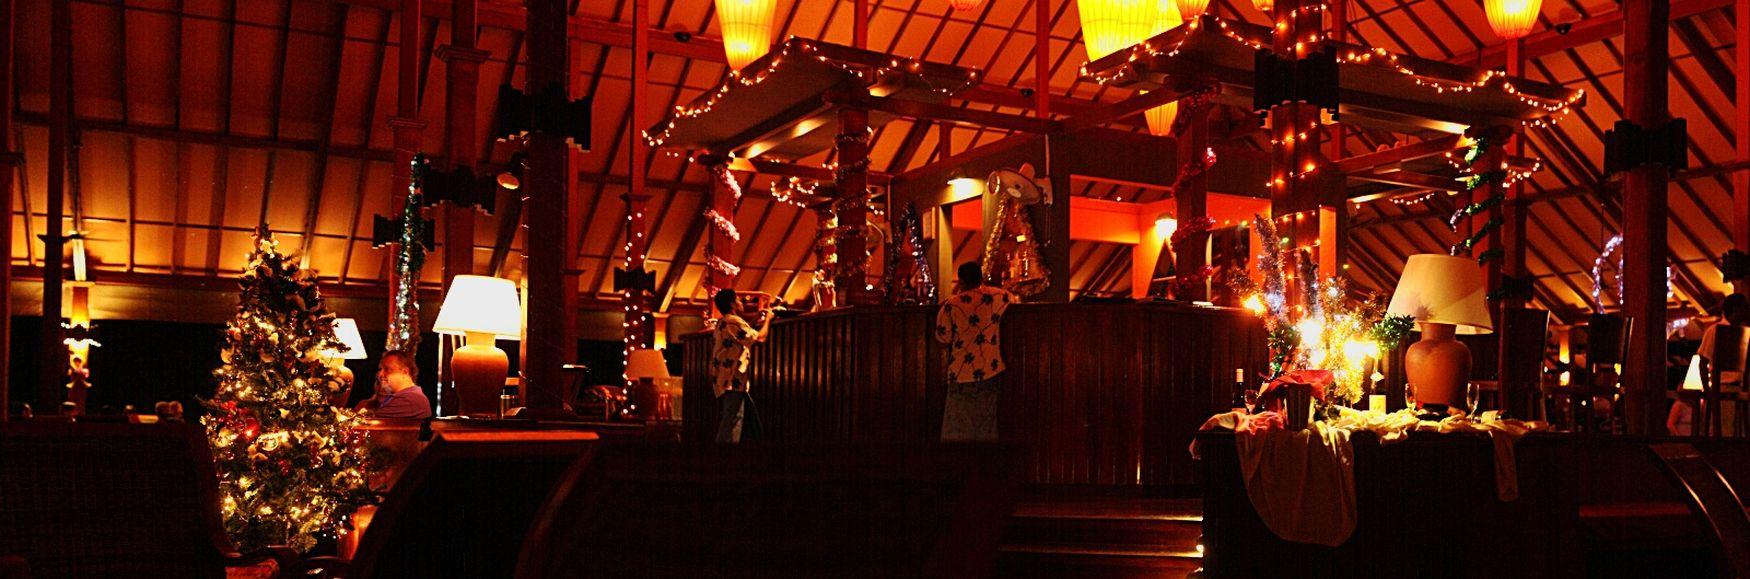 Cristmas Lights Night Lights Restaurant Resort